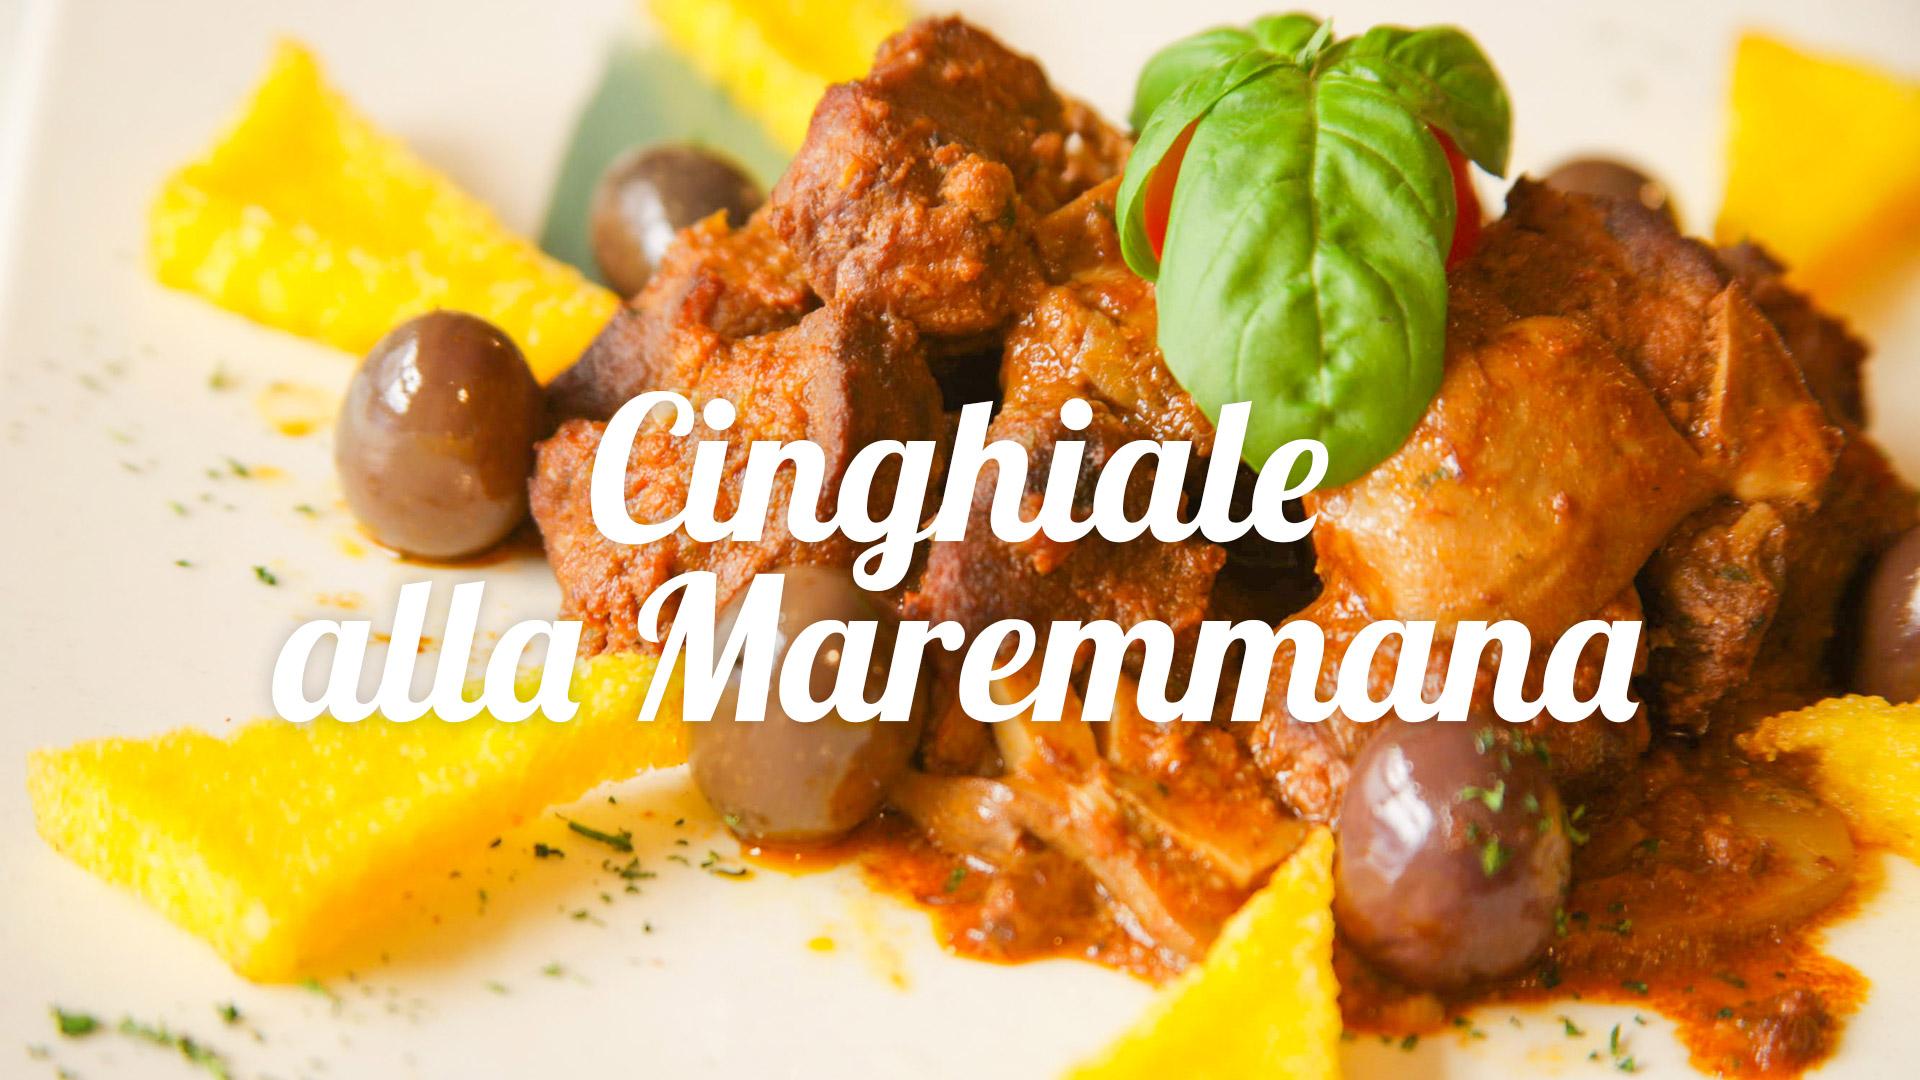 cinghiale maremmana - Ristorante Firenze Giglio Rosso